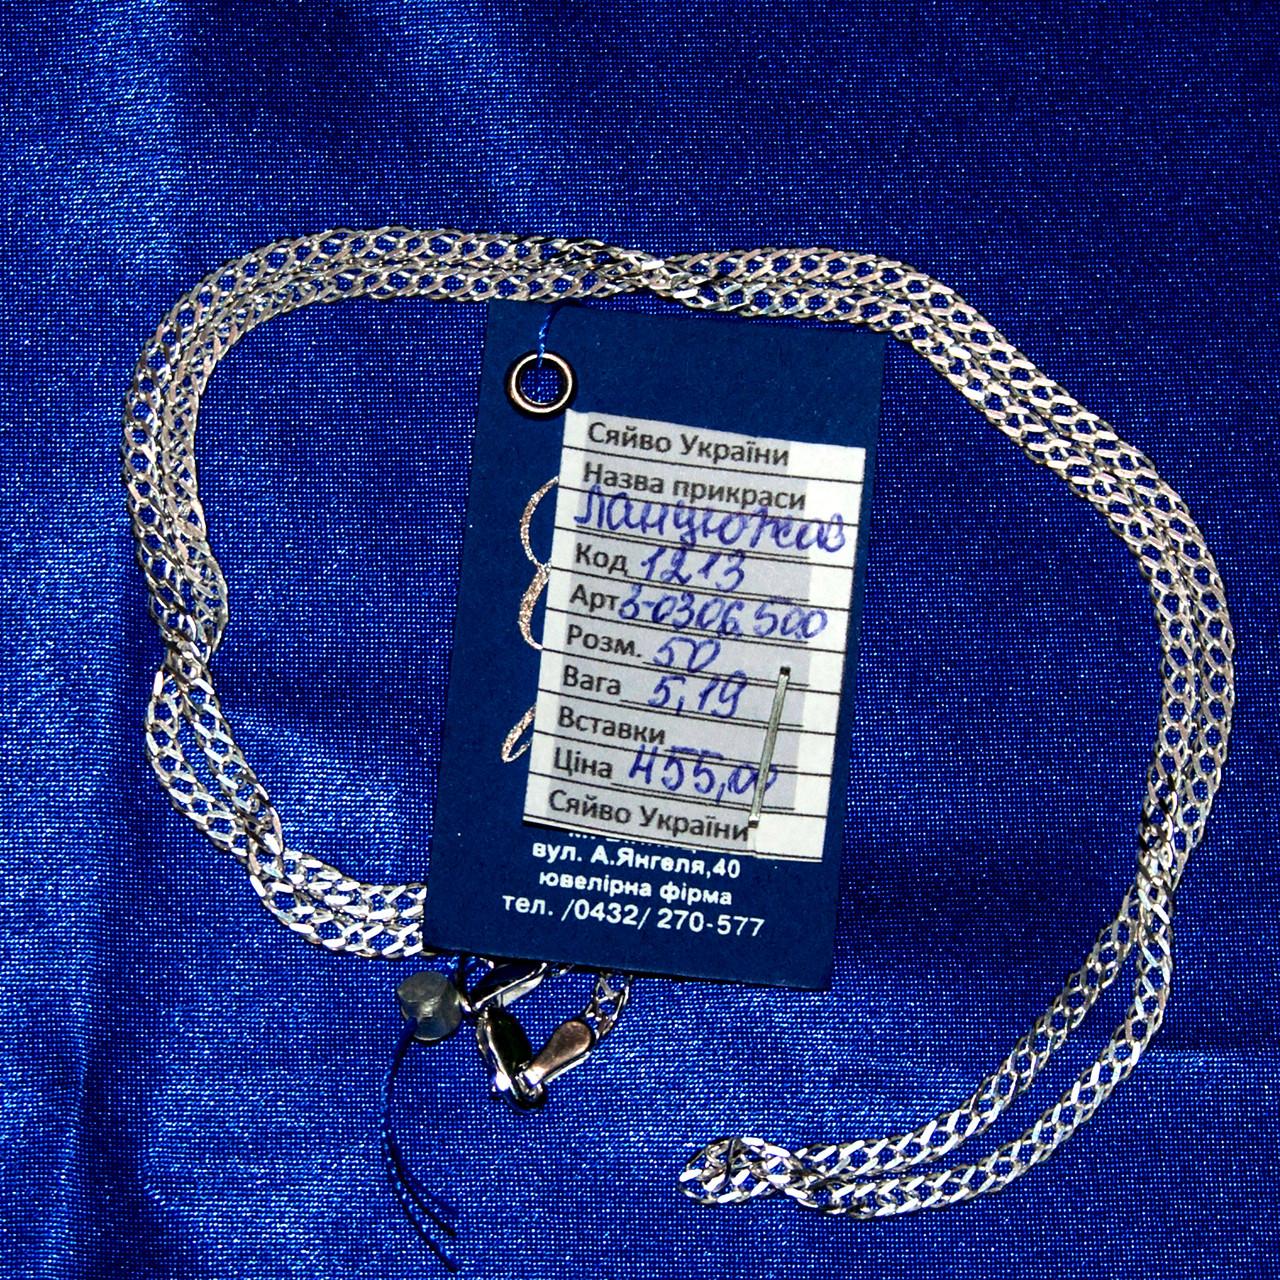 Чепурний срібний ланцюжок - Интернет-магазин ювелирных изделий из серебра